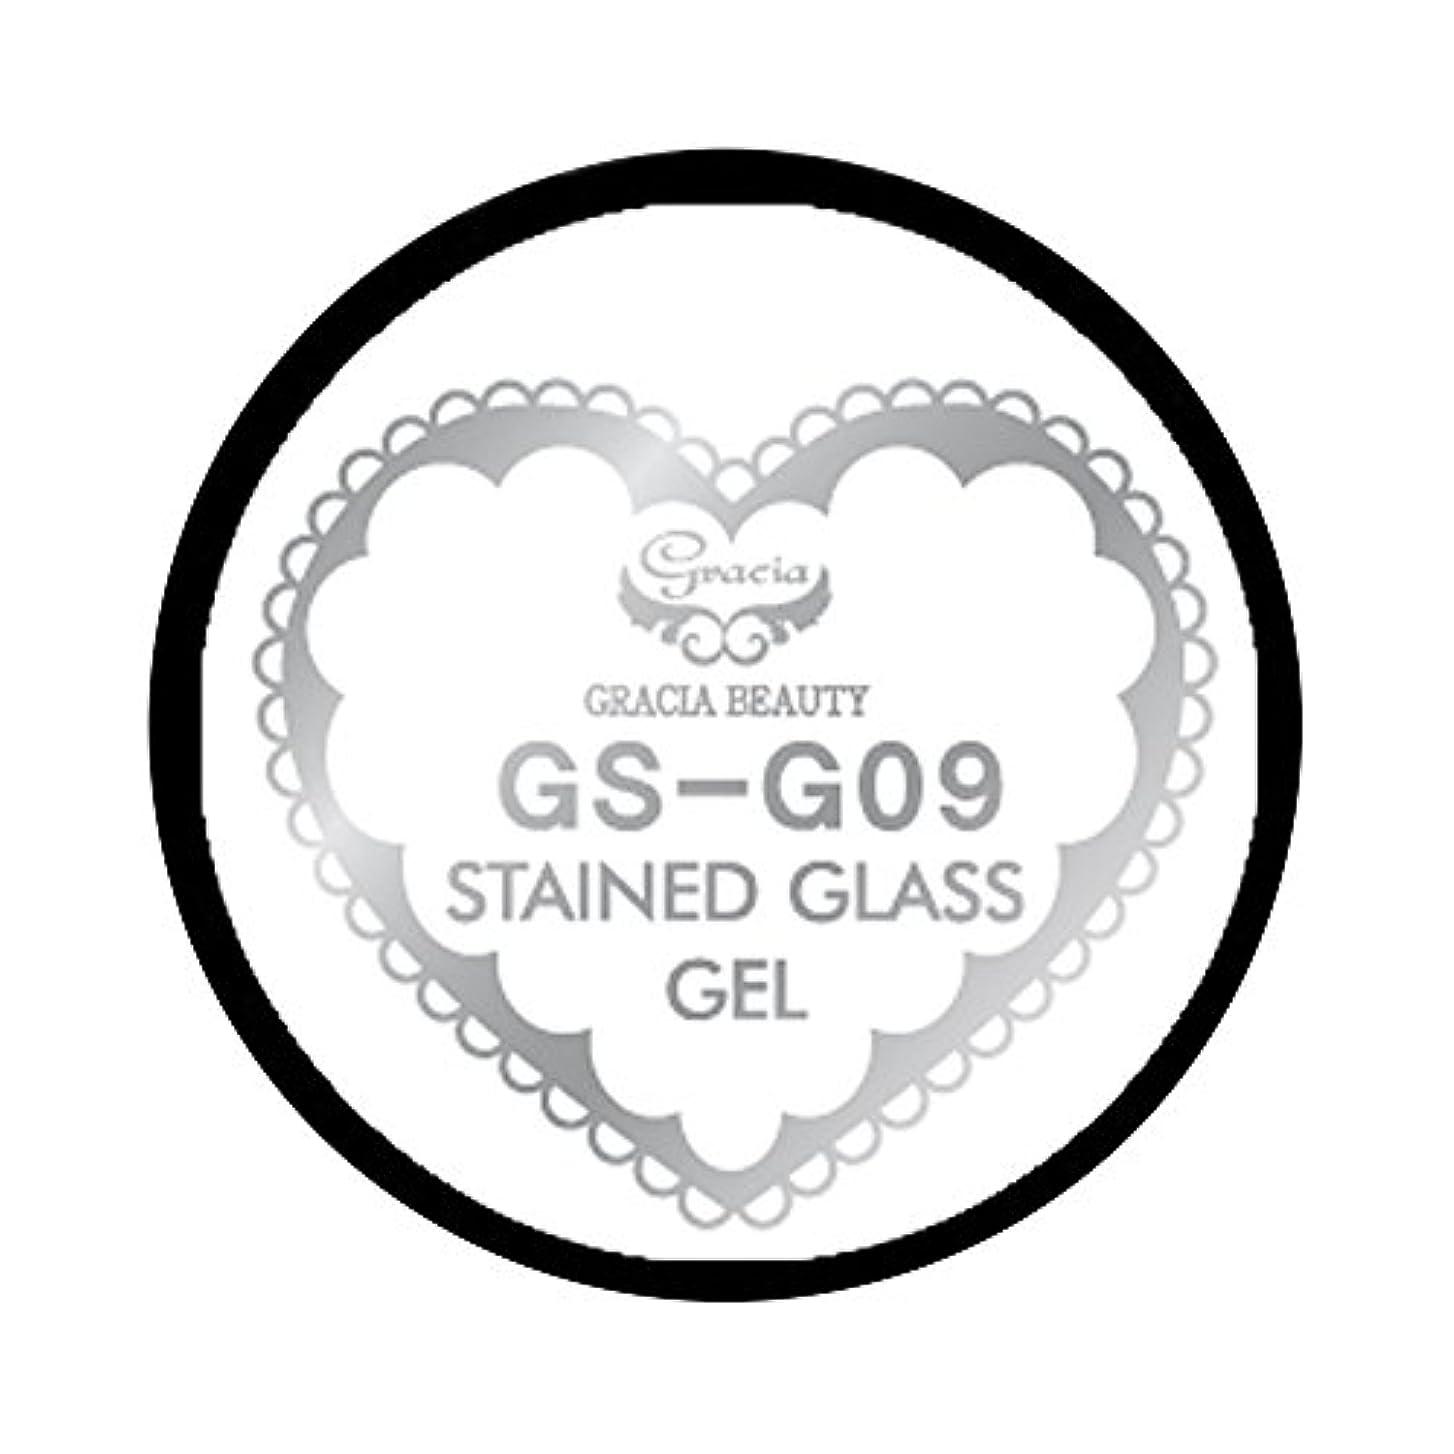 コジオスコ販売計画デンプシーグラシア ジェルネイル ステンドグラスジェル GSM-G09 3g  グリッター UV/LED対応 カラージェル ソークオフジェル ガラスのような透明感